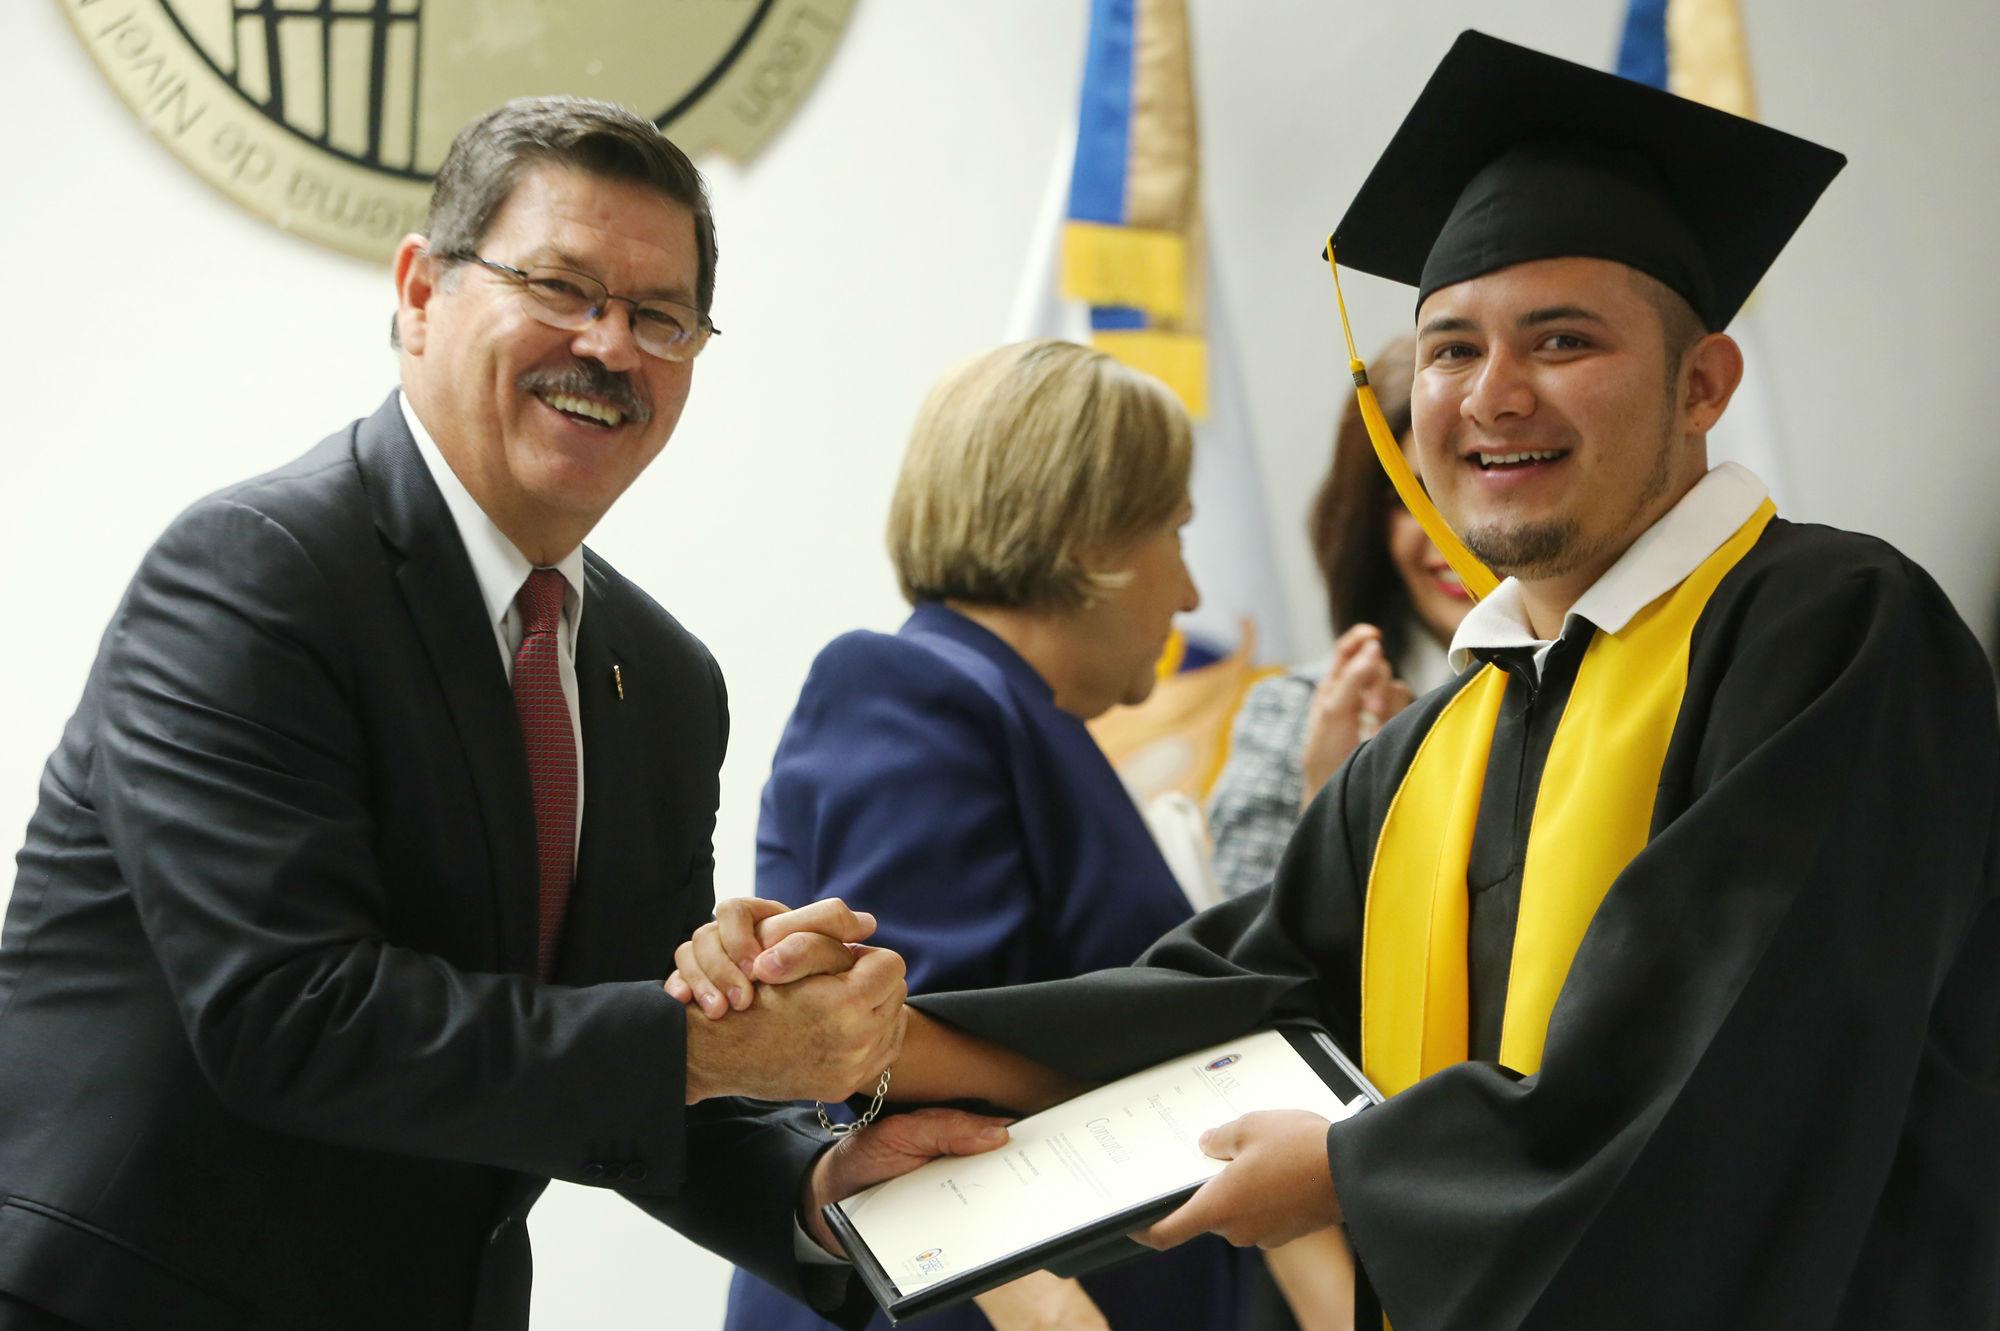 El proyecto Aula STUANL ha graduado a 120 trabajadores de la Máxima Casa de Estudios